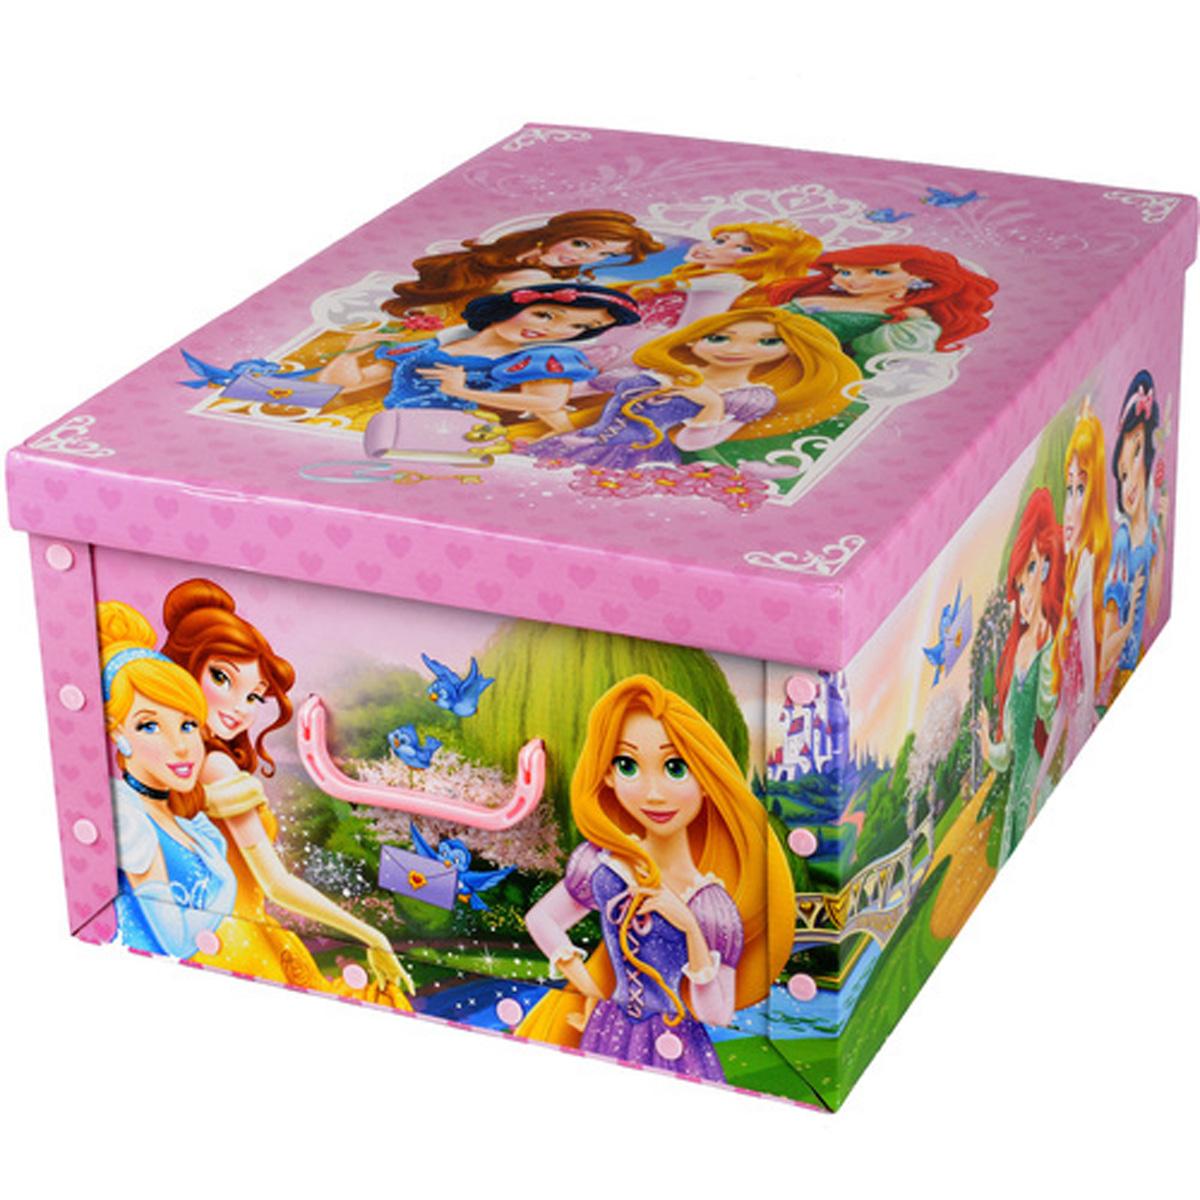 Коробка для хранения Disney Принцессы, 40 х 50 х 25 смU210DFКоробка для хранения Disney Принцессы, выполненная из высококачественного гофрированного картона, идеально подойдет для хранения игрушек, одежды, книг, канцелярских принадлежностей и других мелких предметов. Изделие легко собирается и не занимает много места. Коробка оснащена удобными ручками для транспортировки.Коробка Disney Принцессы поможет хранить все в одном месте, а также защитить вещи от пыли, грязи и влаги. Размер коробки (в собранном виде): 40 х 50 х 25 см.